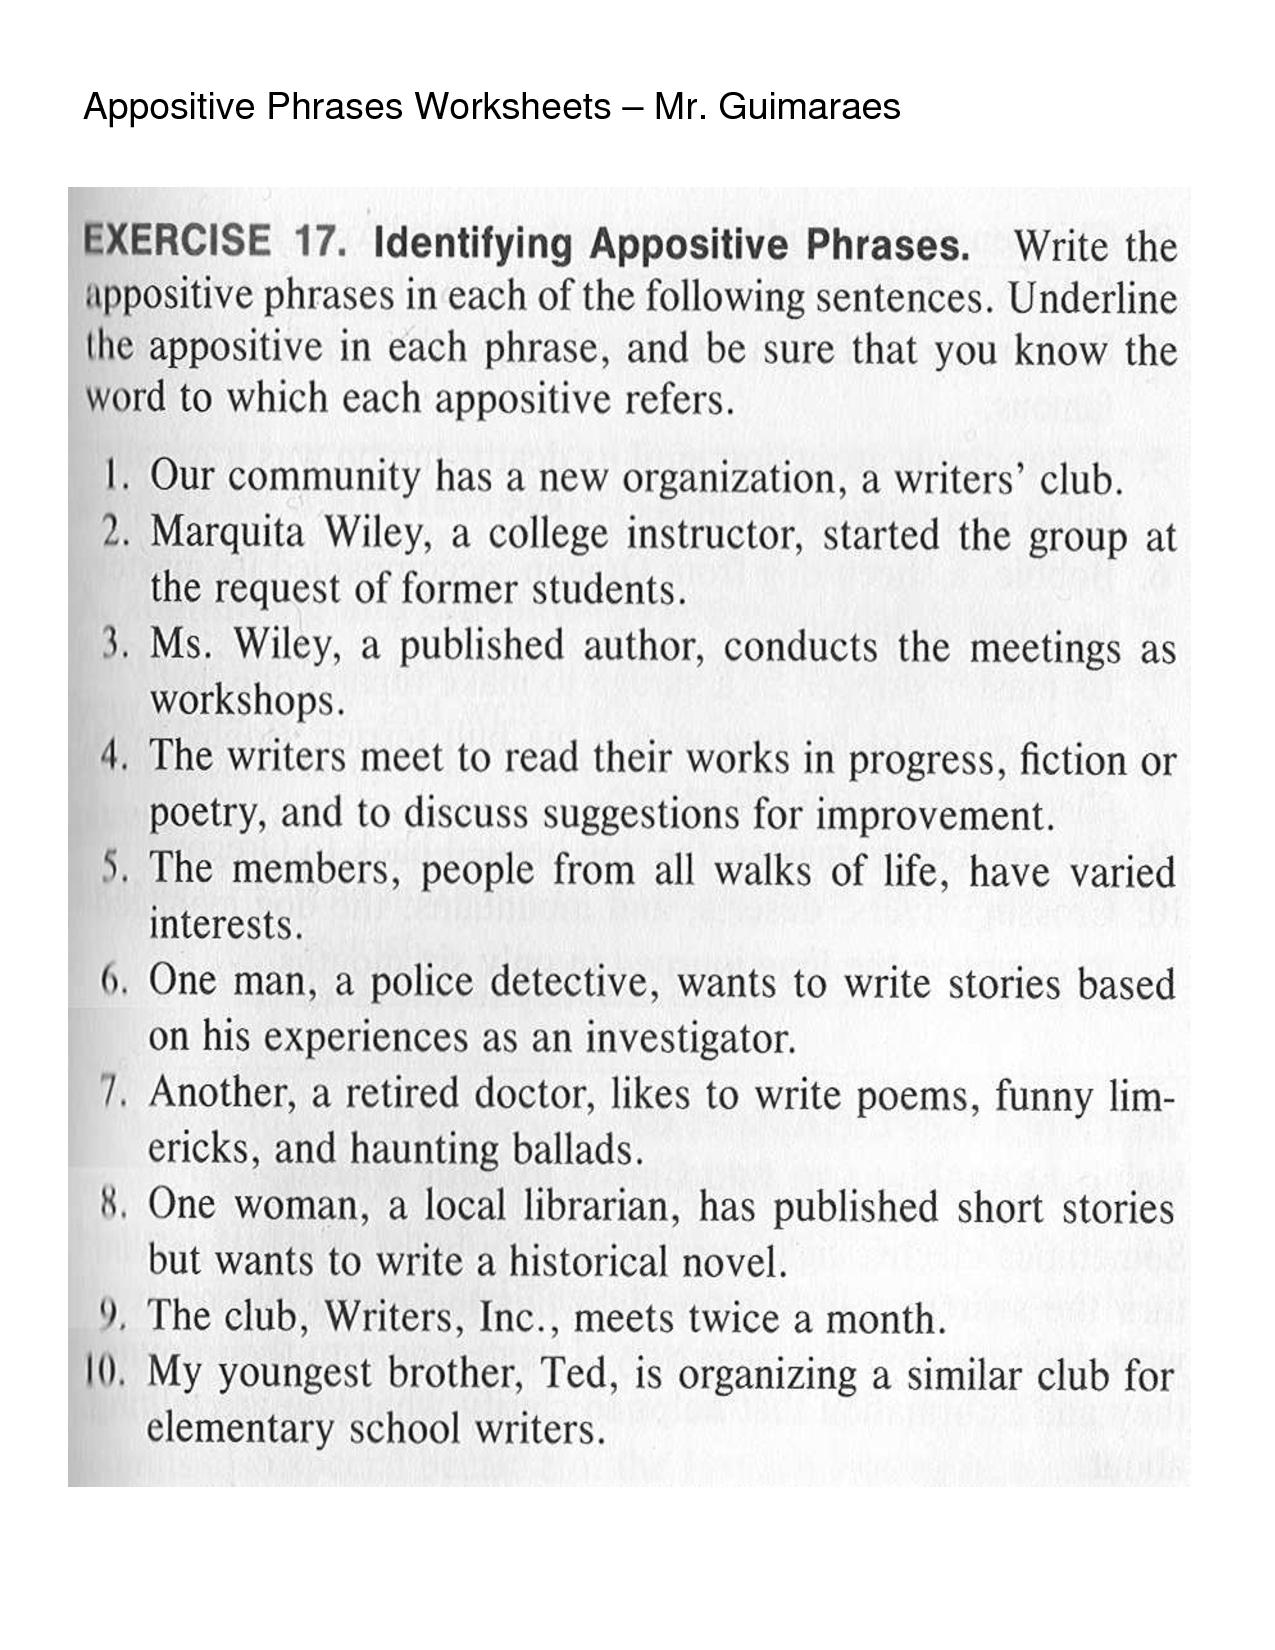 Appositive Sentences Worksheets